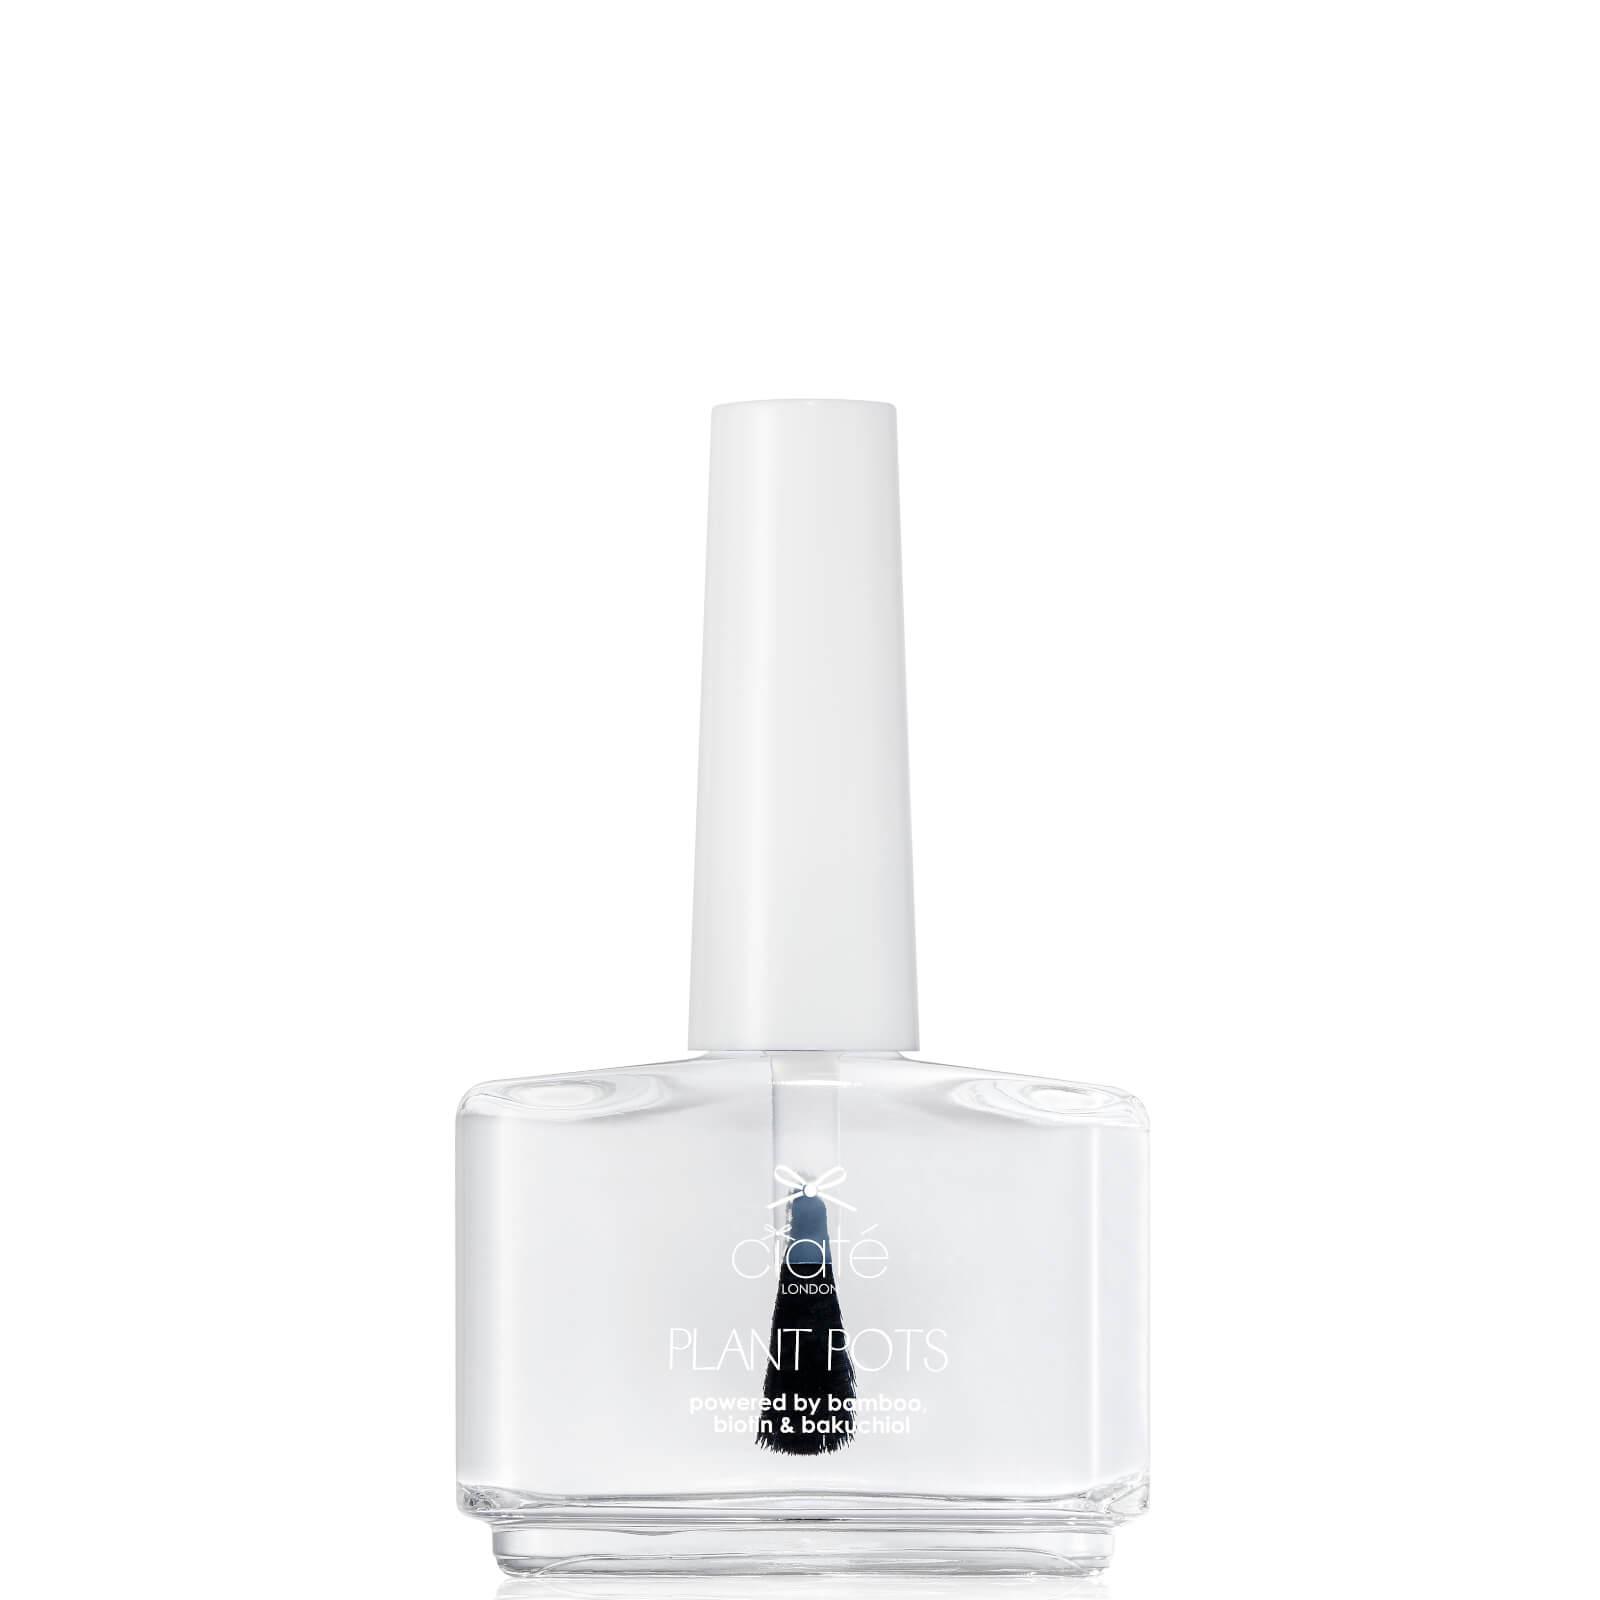 Базовое покрытие для ногтей Ciaté London Plant Pots Prime and Protect Nail Base Coat  - Купить